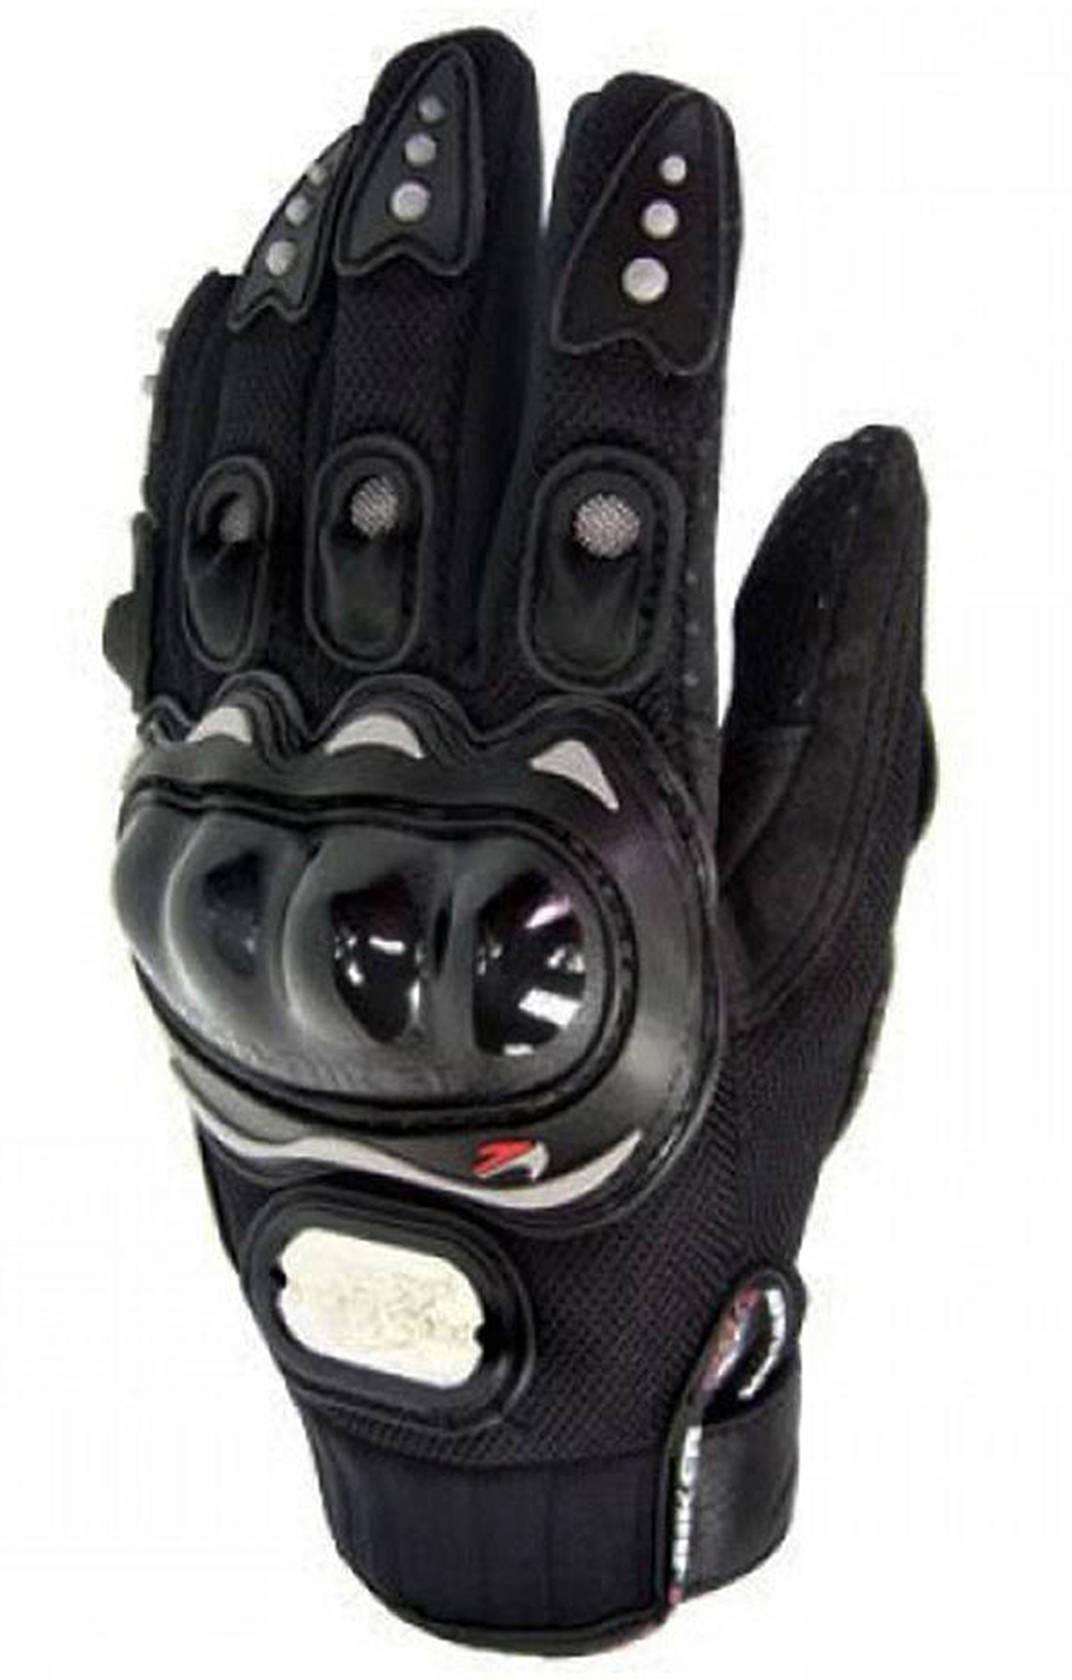 Deals | Flipkart - Starting at Rs.249 From Pro Biker